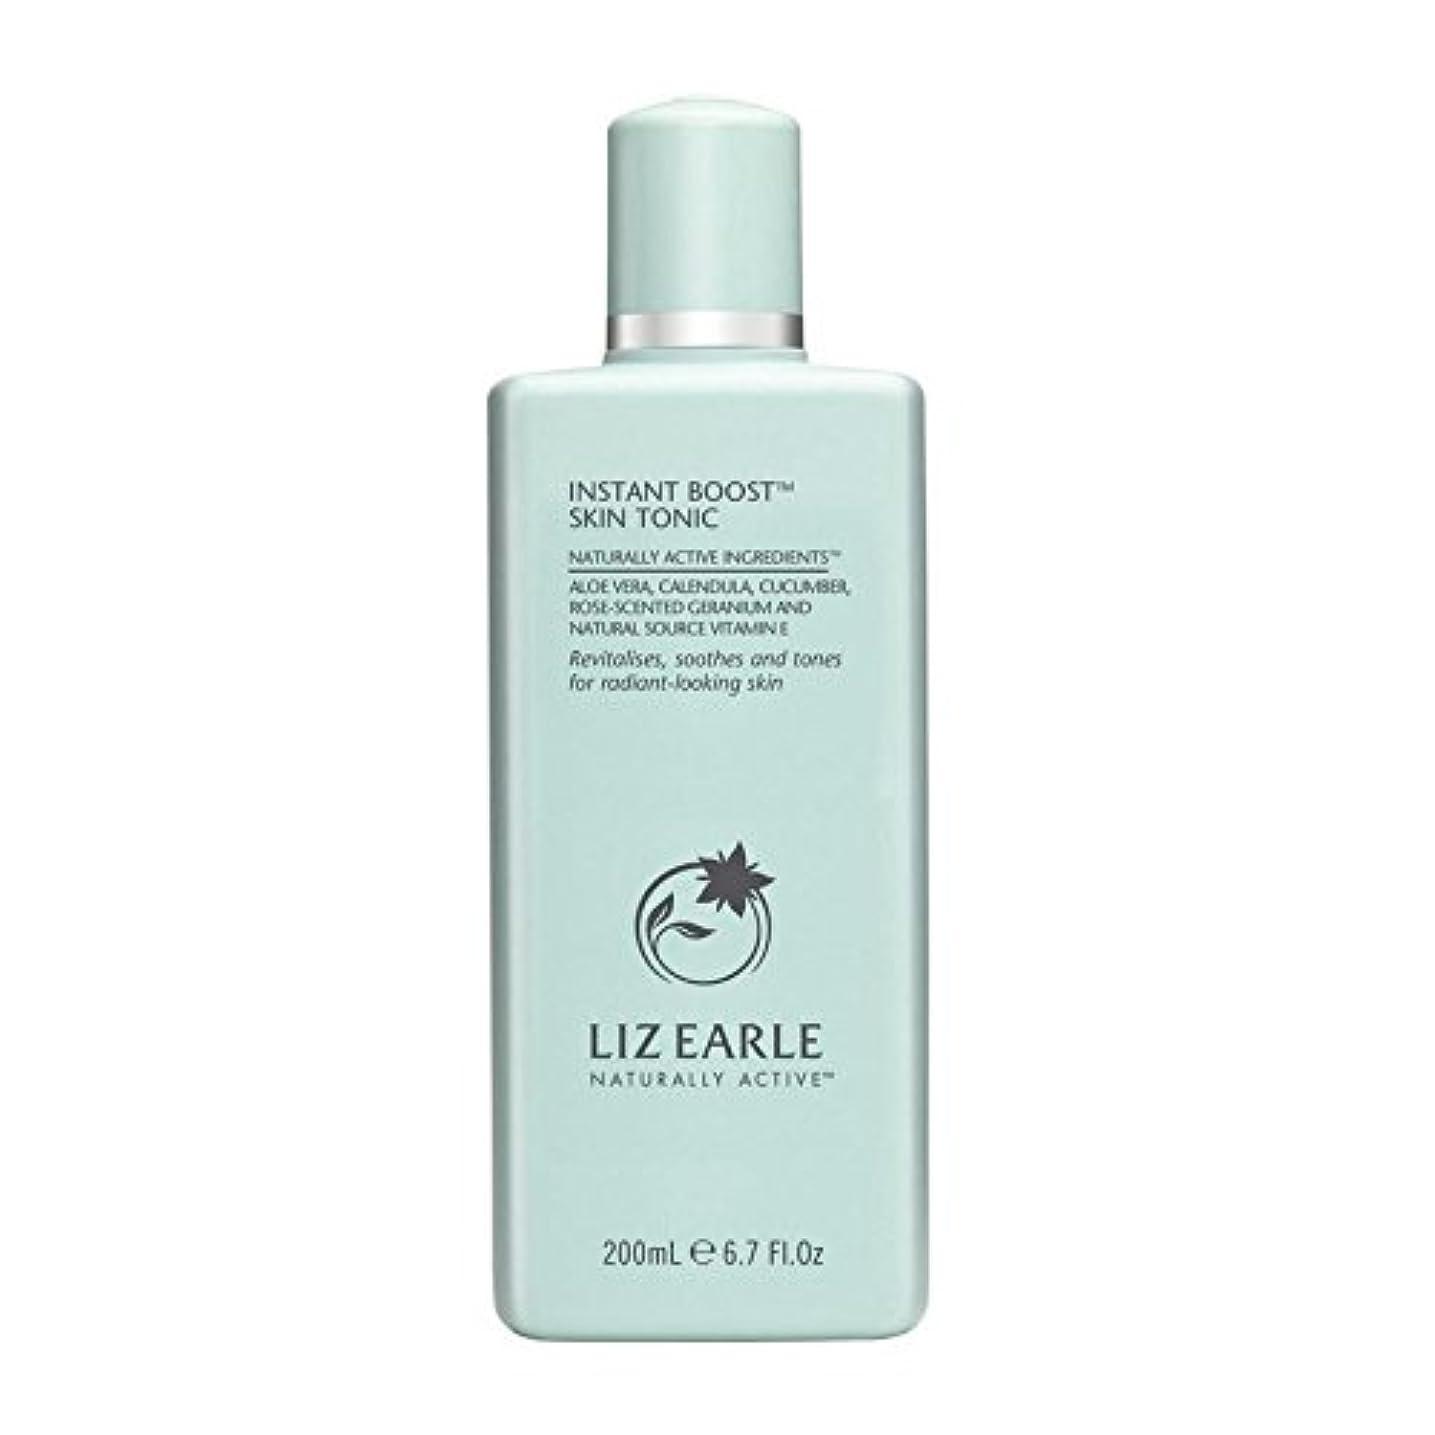 ルーキー香ばしい腕リズアールインスタントブーストスキントニックボトル200ミリリットル x4 - Liz Earle Instant Boost Skin Tonic Bottle 200ml (Pack of 4) [並行輸入品]